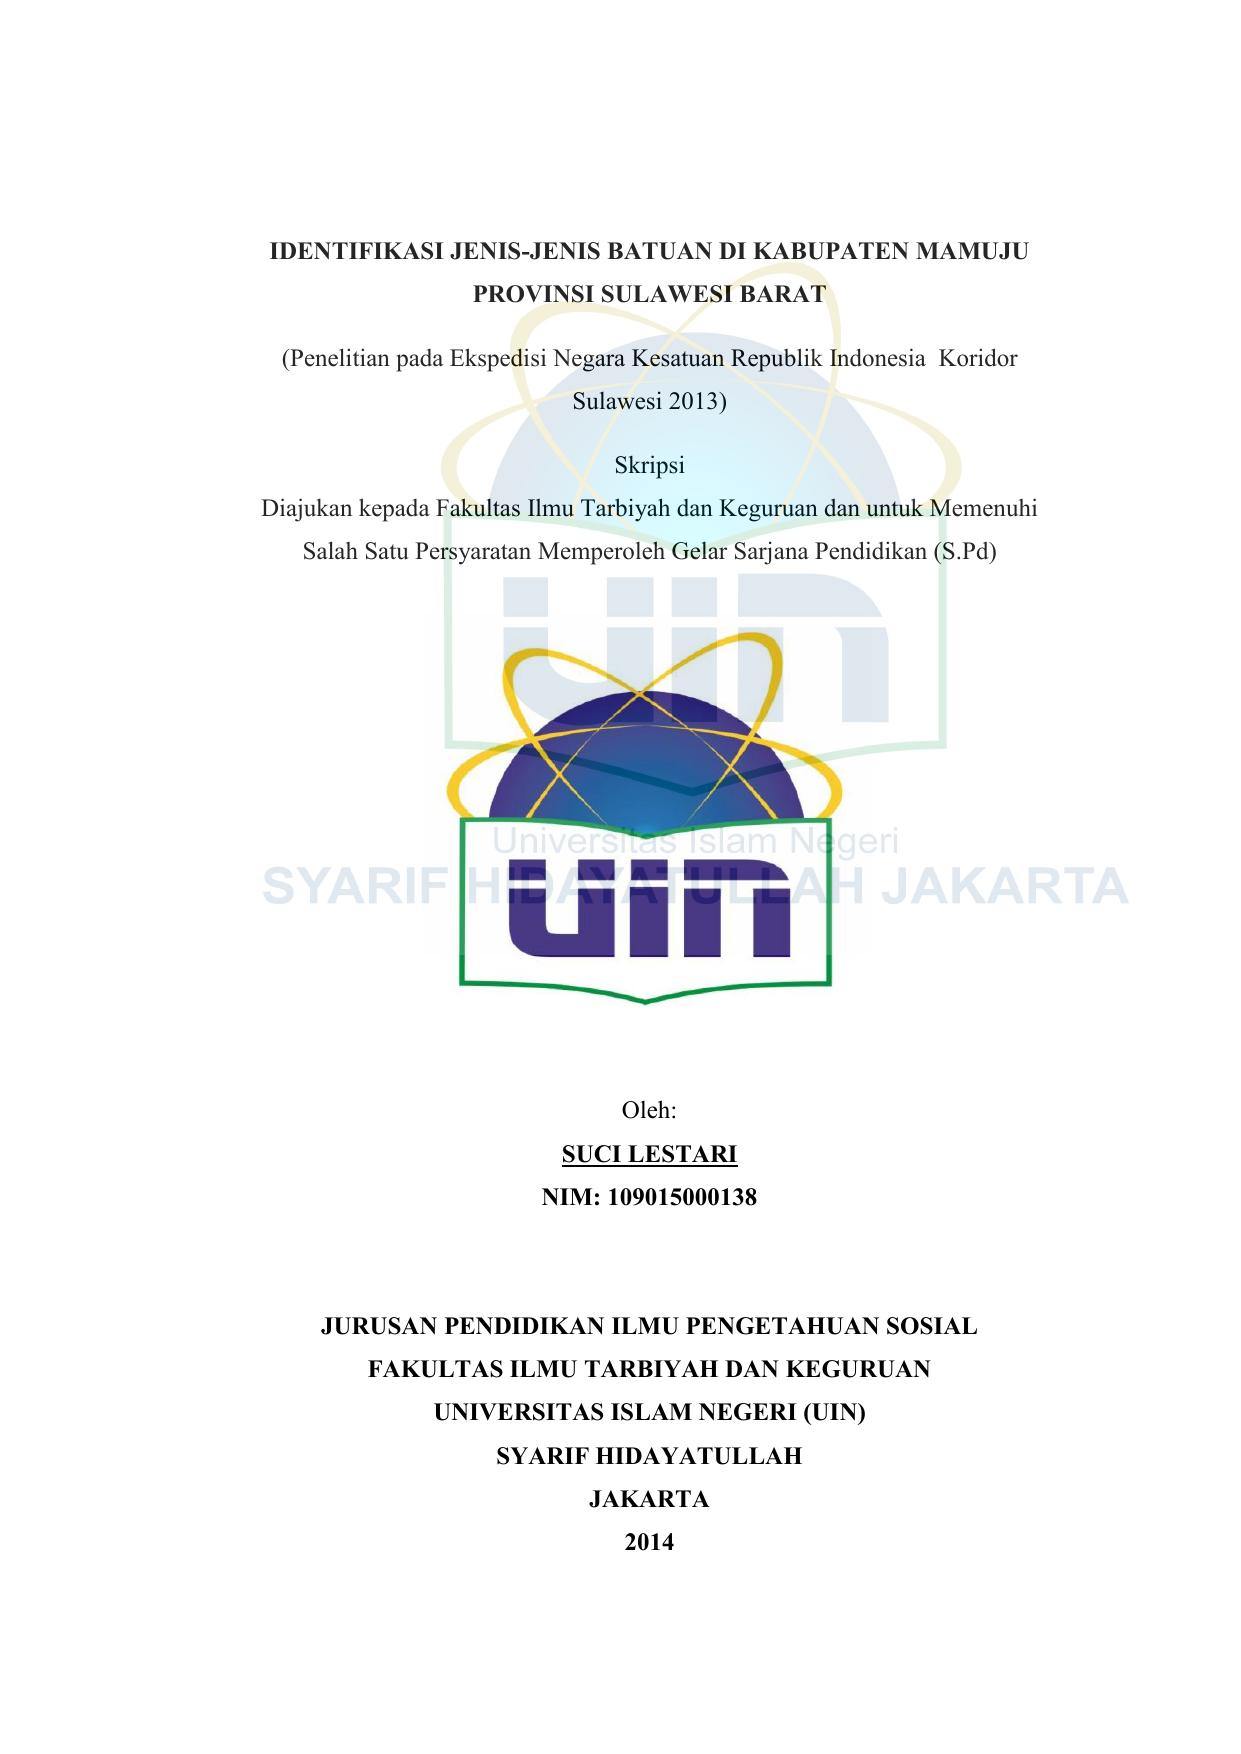 Cover Skripsi Institutional Repository Uin Syarif Hidayatullah Jakarta